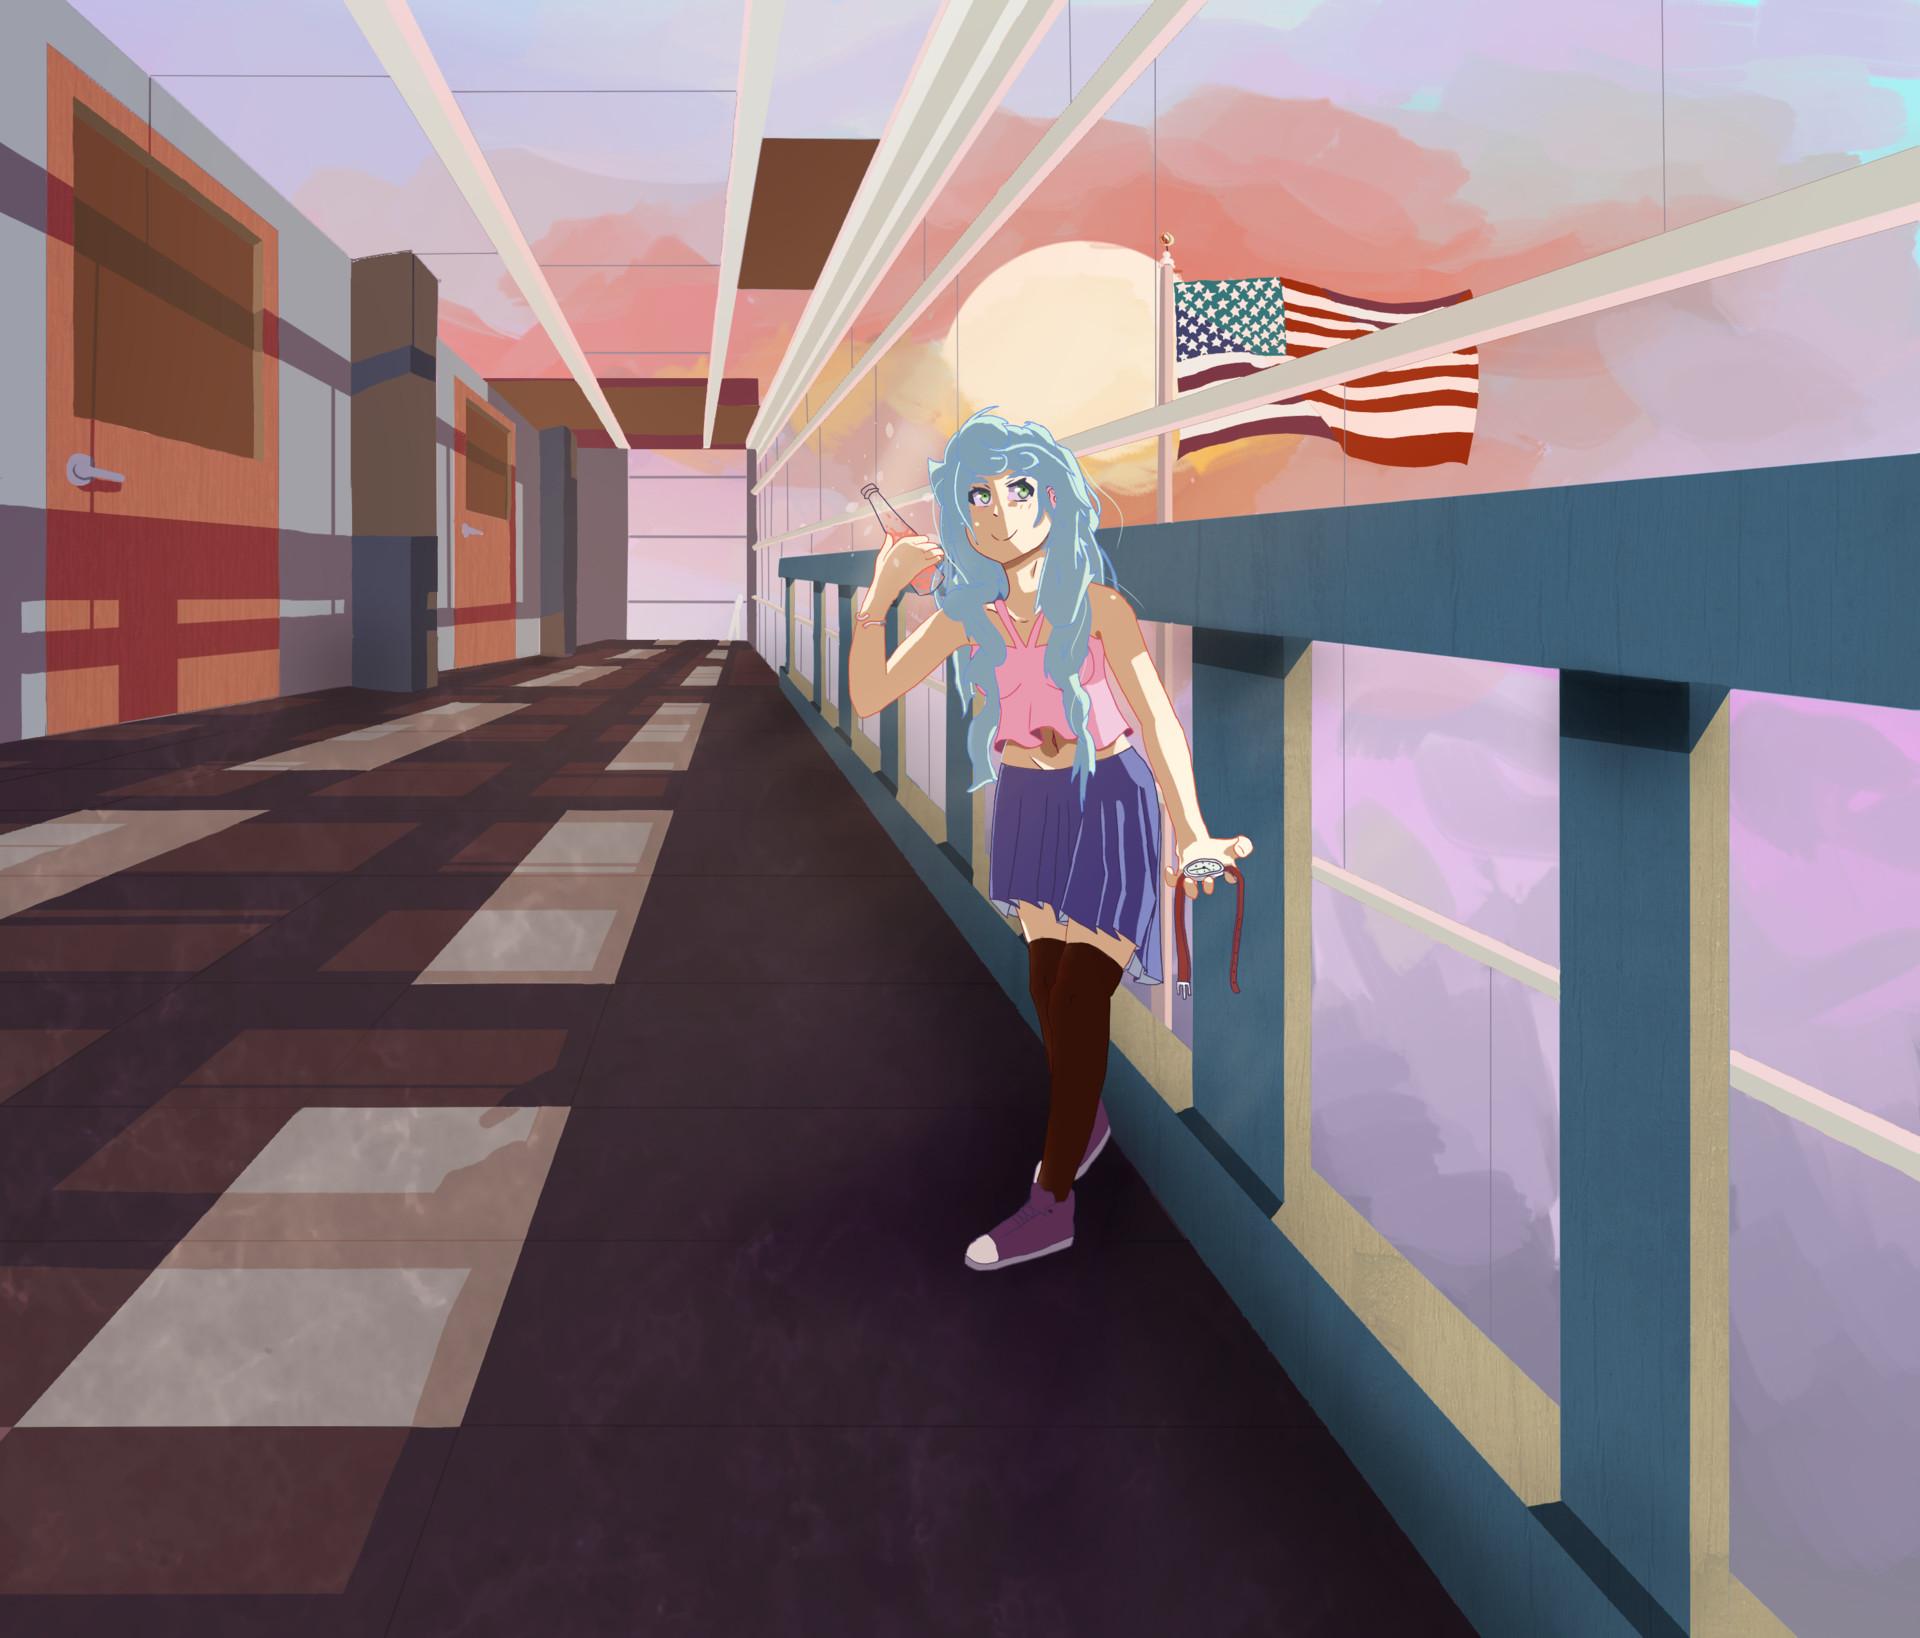 Joseph chanice hallwayfinal